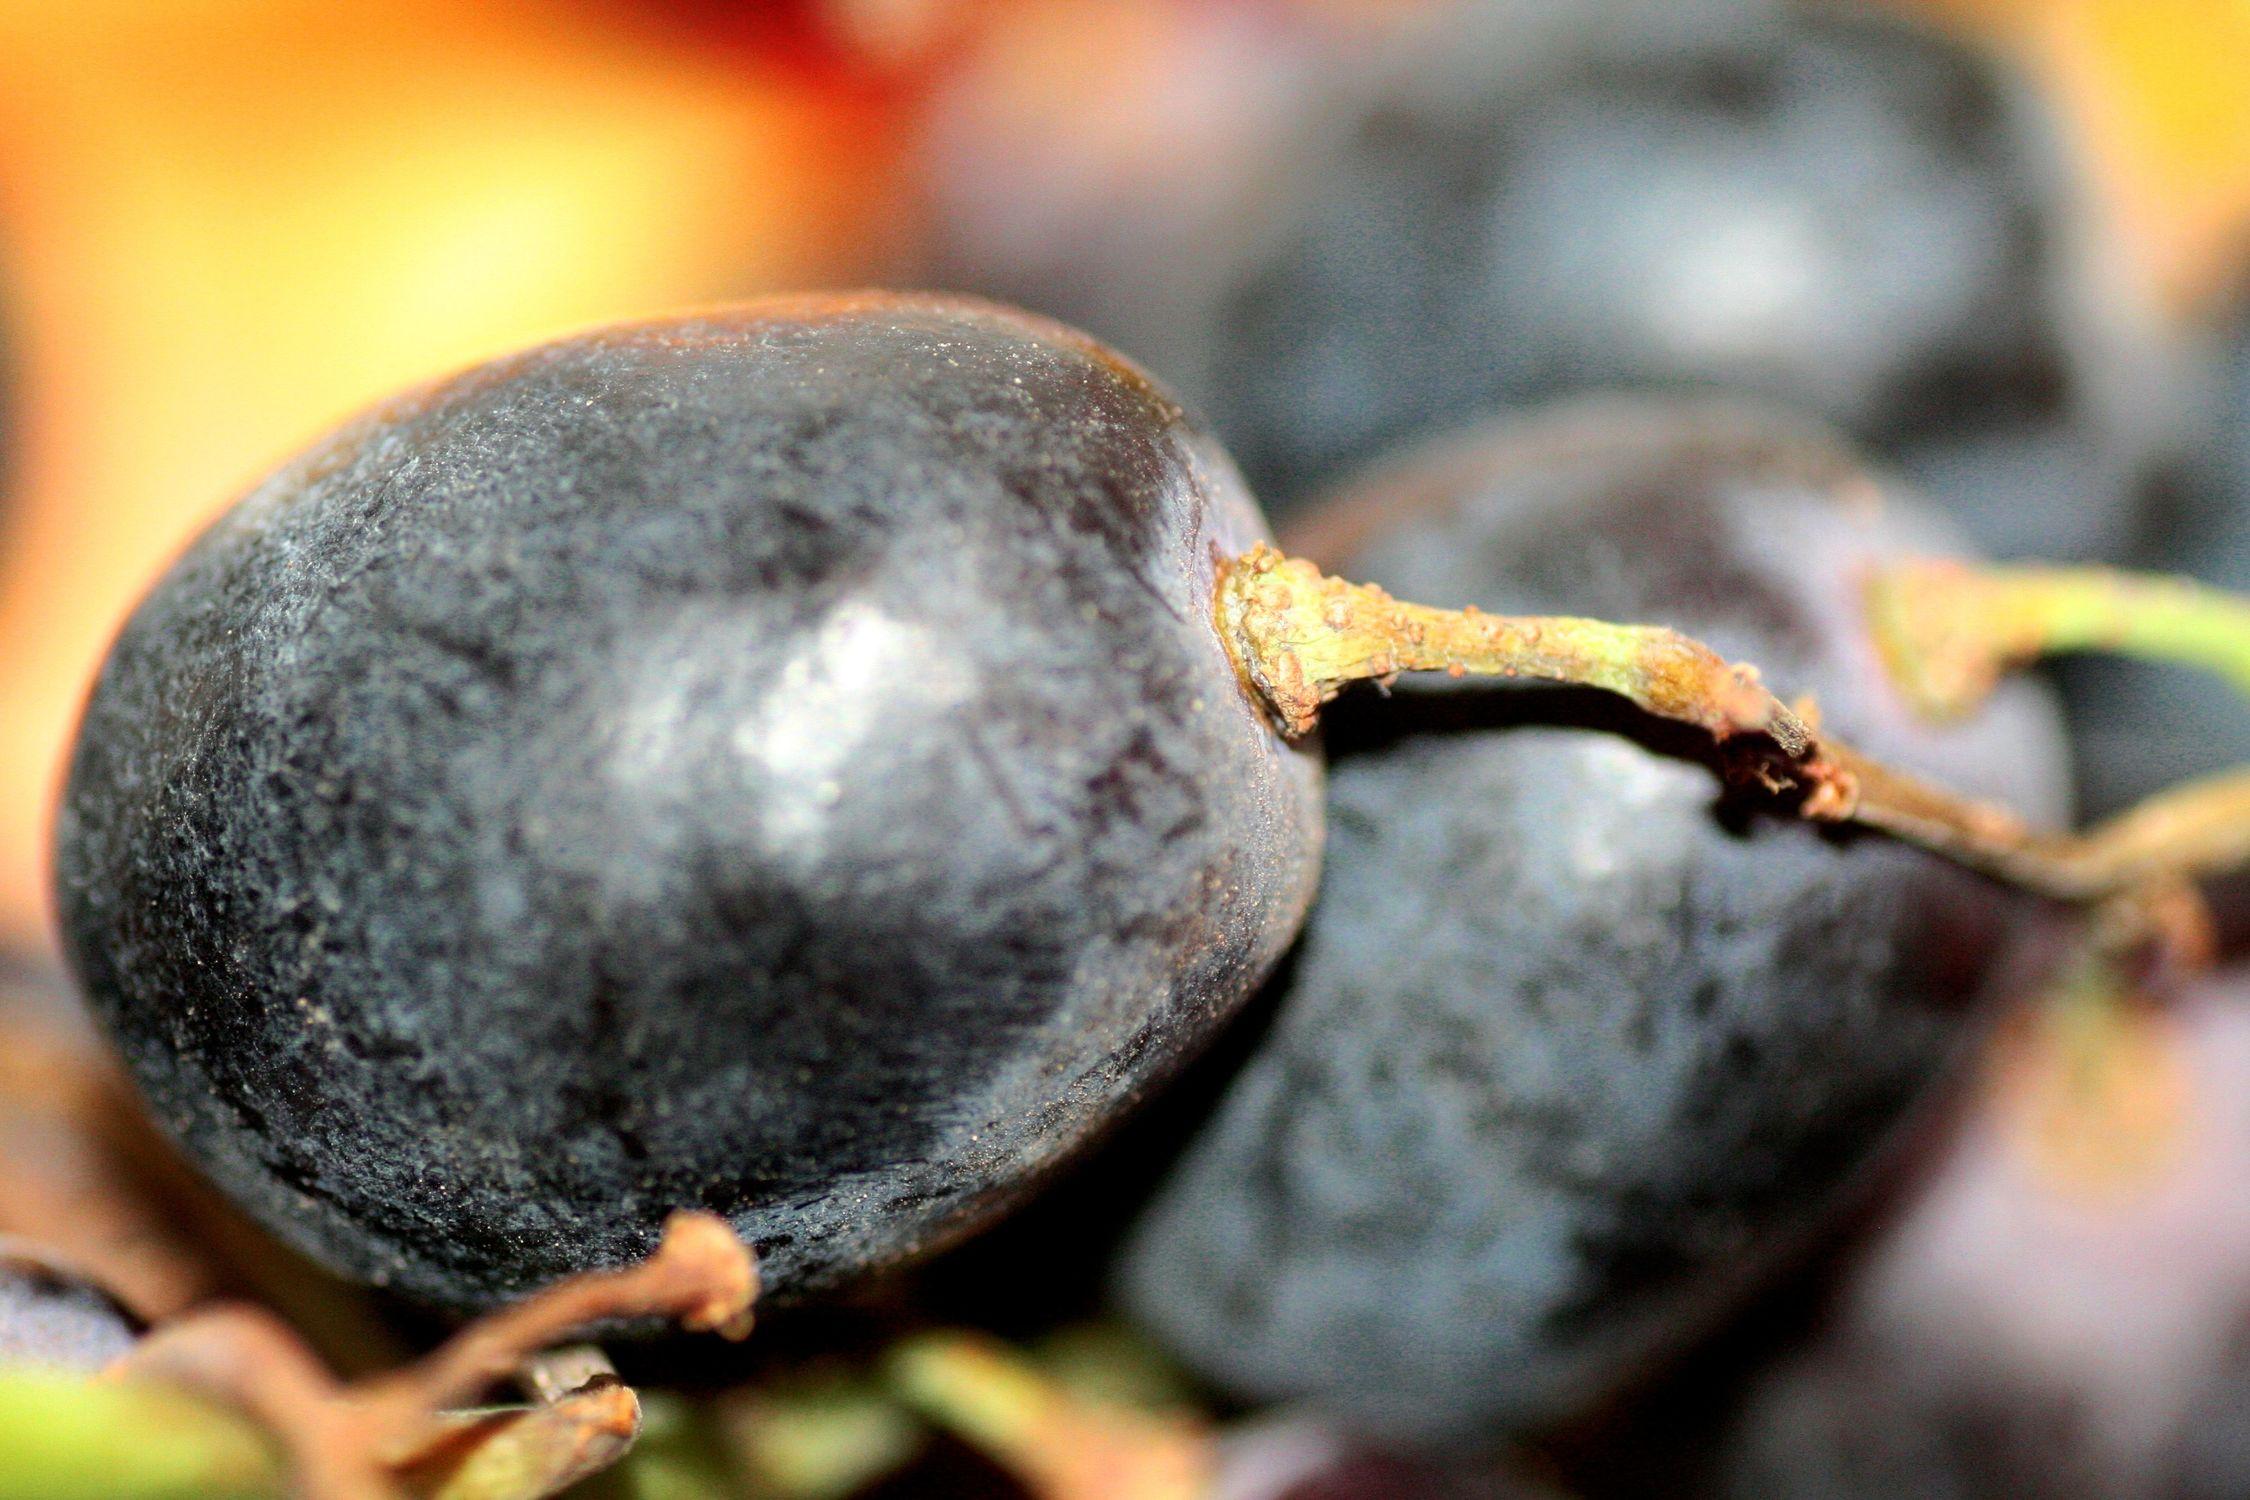 Bild mit Früchte, Lebensmittel, Essen, Trauben, Weinreben, Weintraube, Weintrauben, Traube, Weinbeere, Weinbeeren